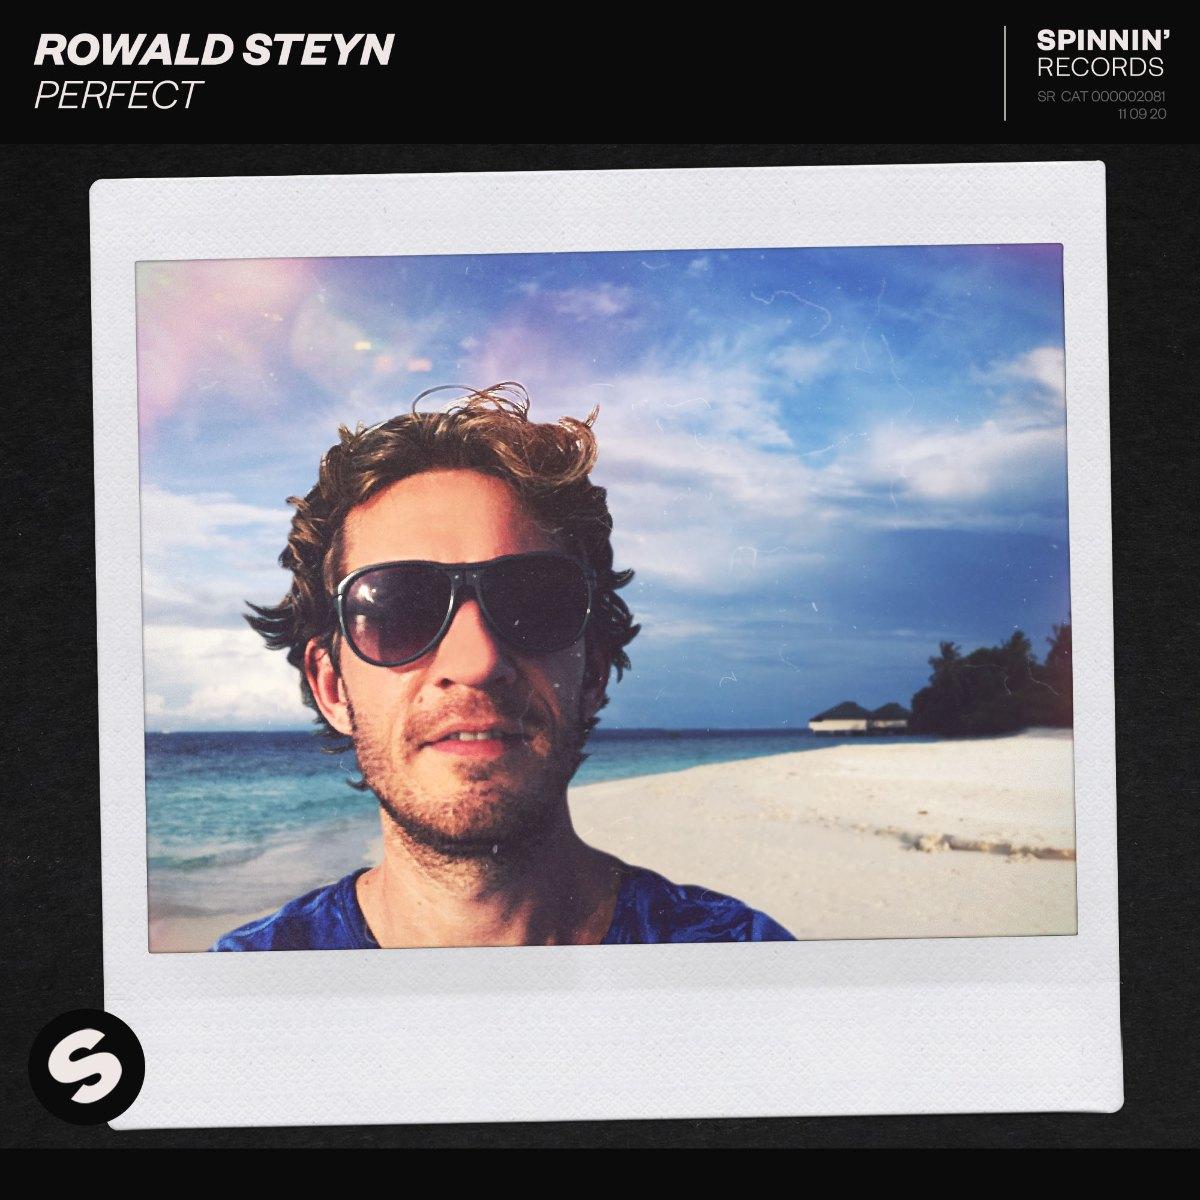 Rowald Steyn – Perfect (1)